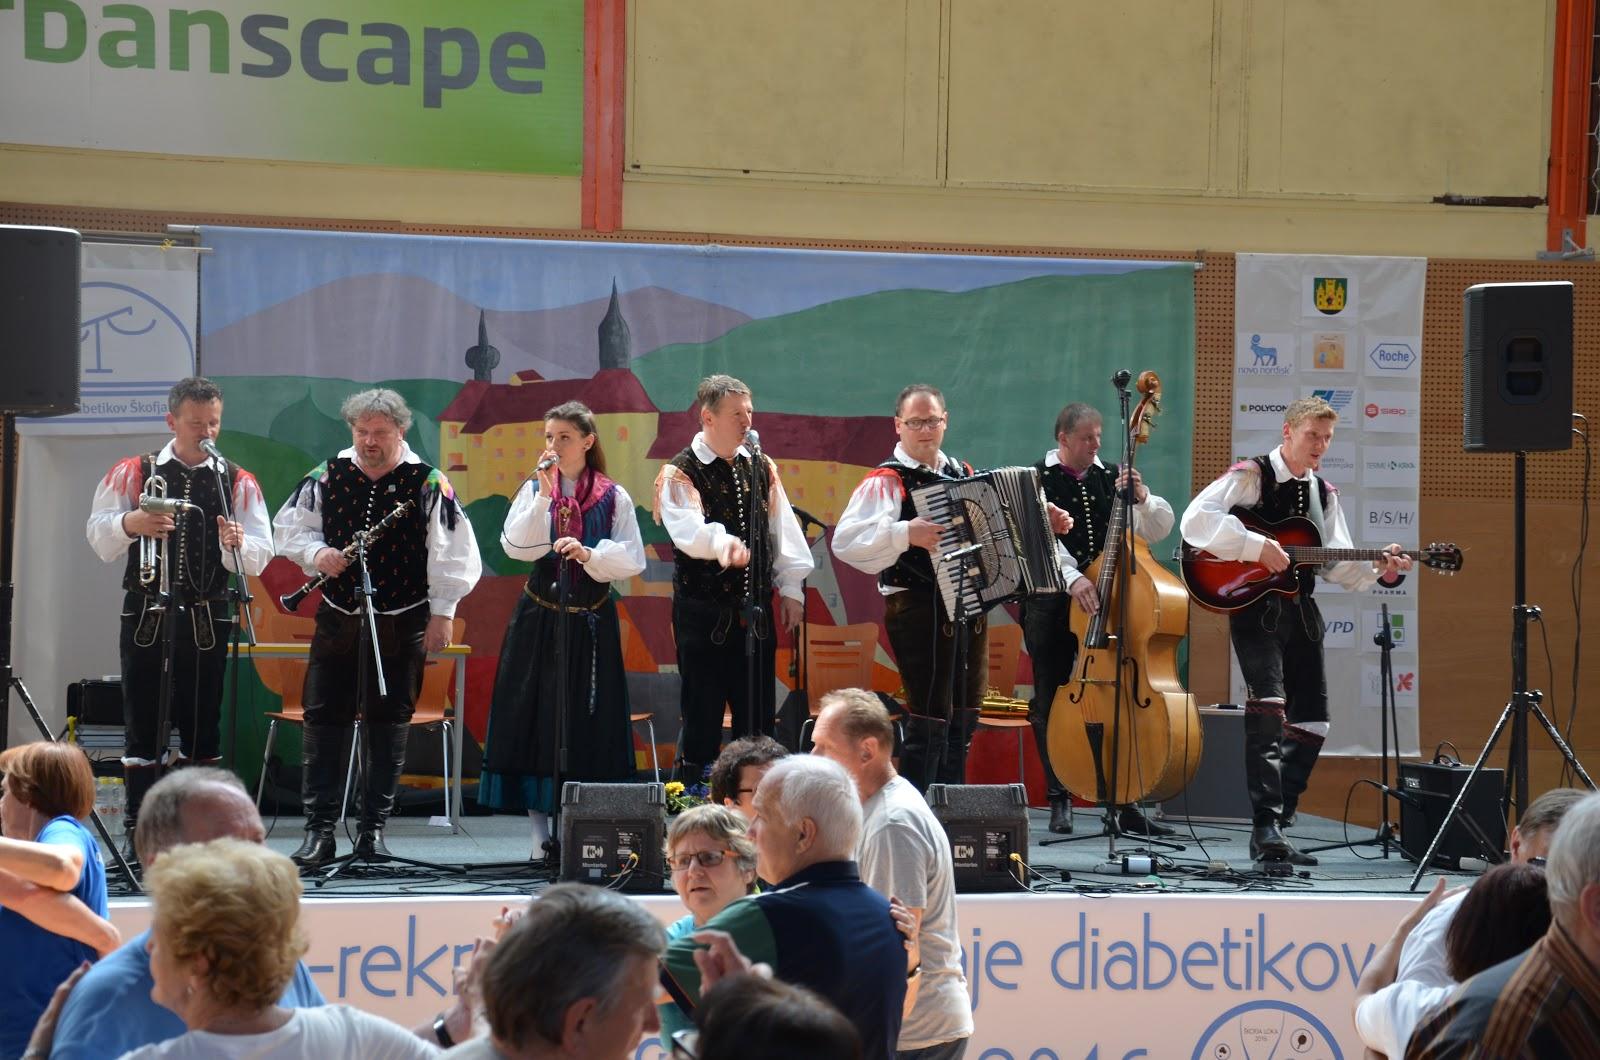 21. športno srečanje diabetikov Slovenije - DSC_1169.JPG